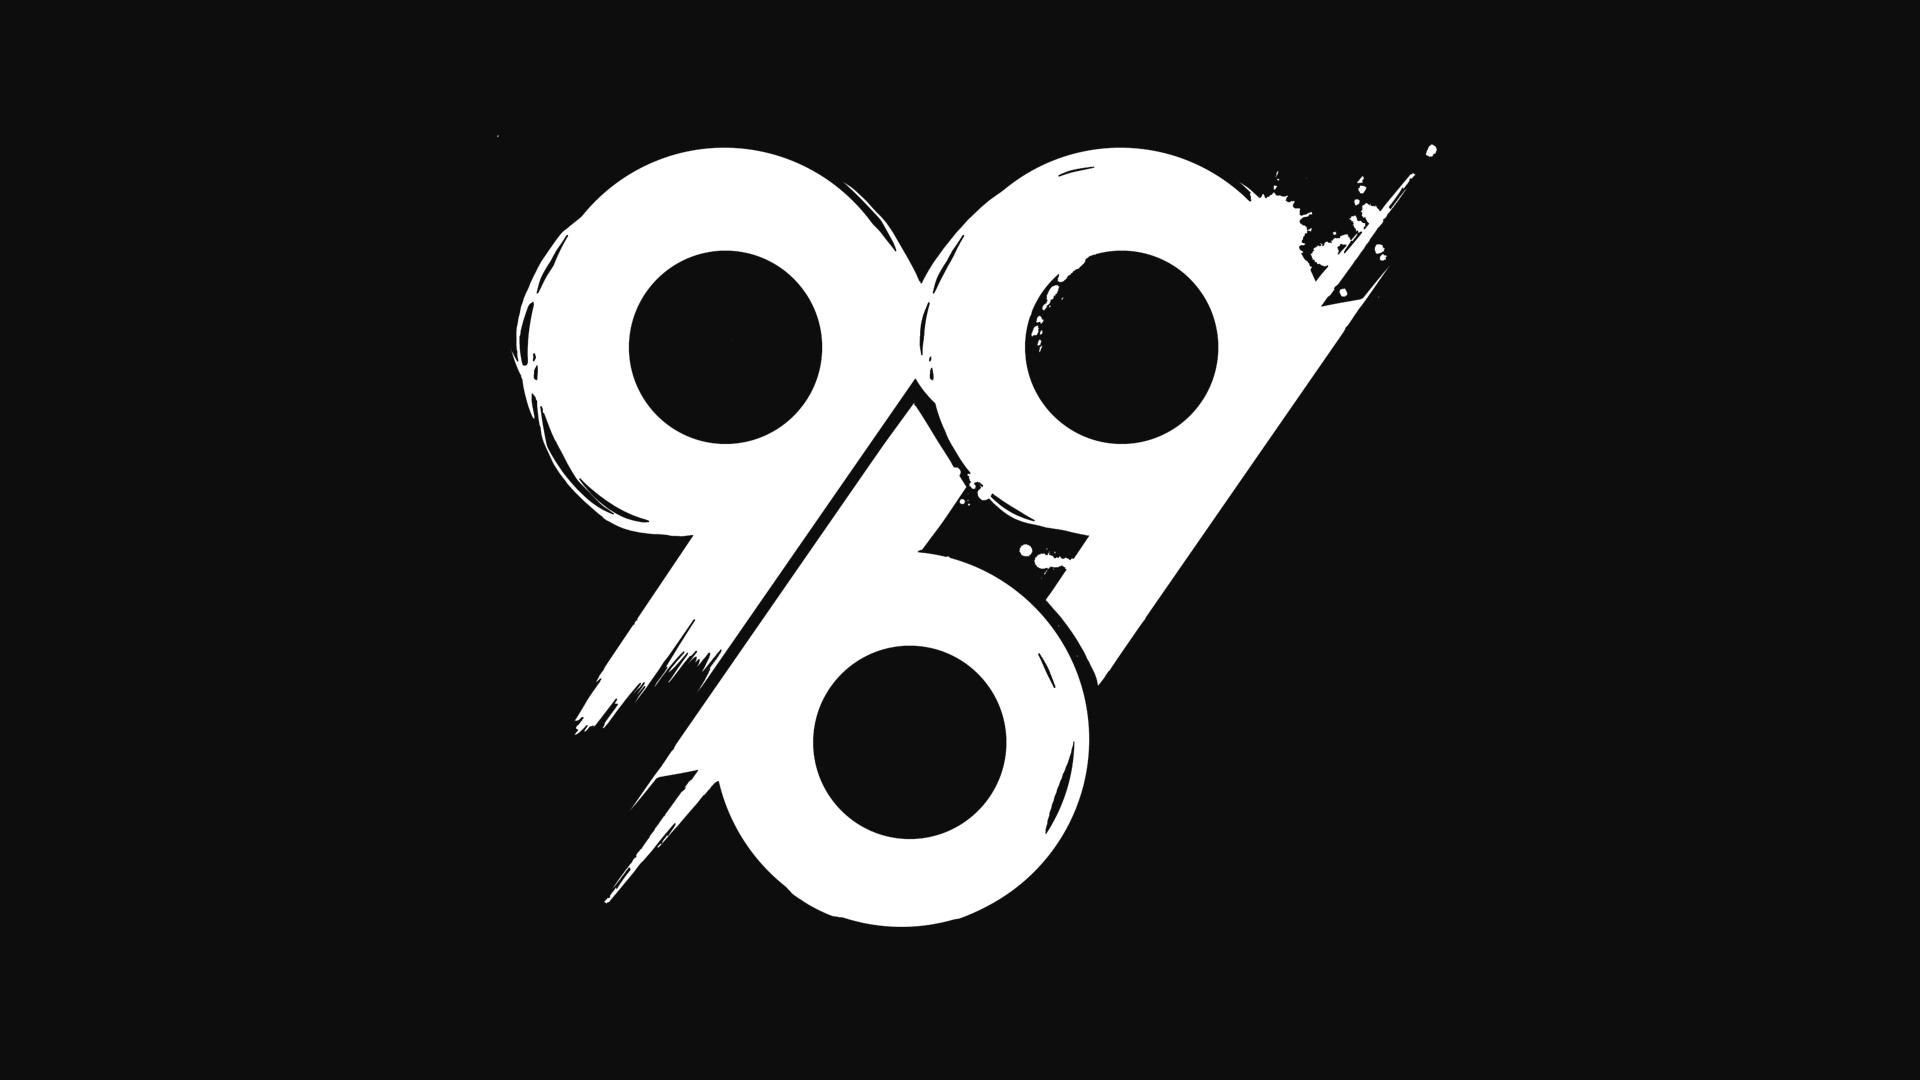 969 クロック アイドル